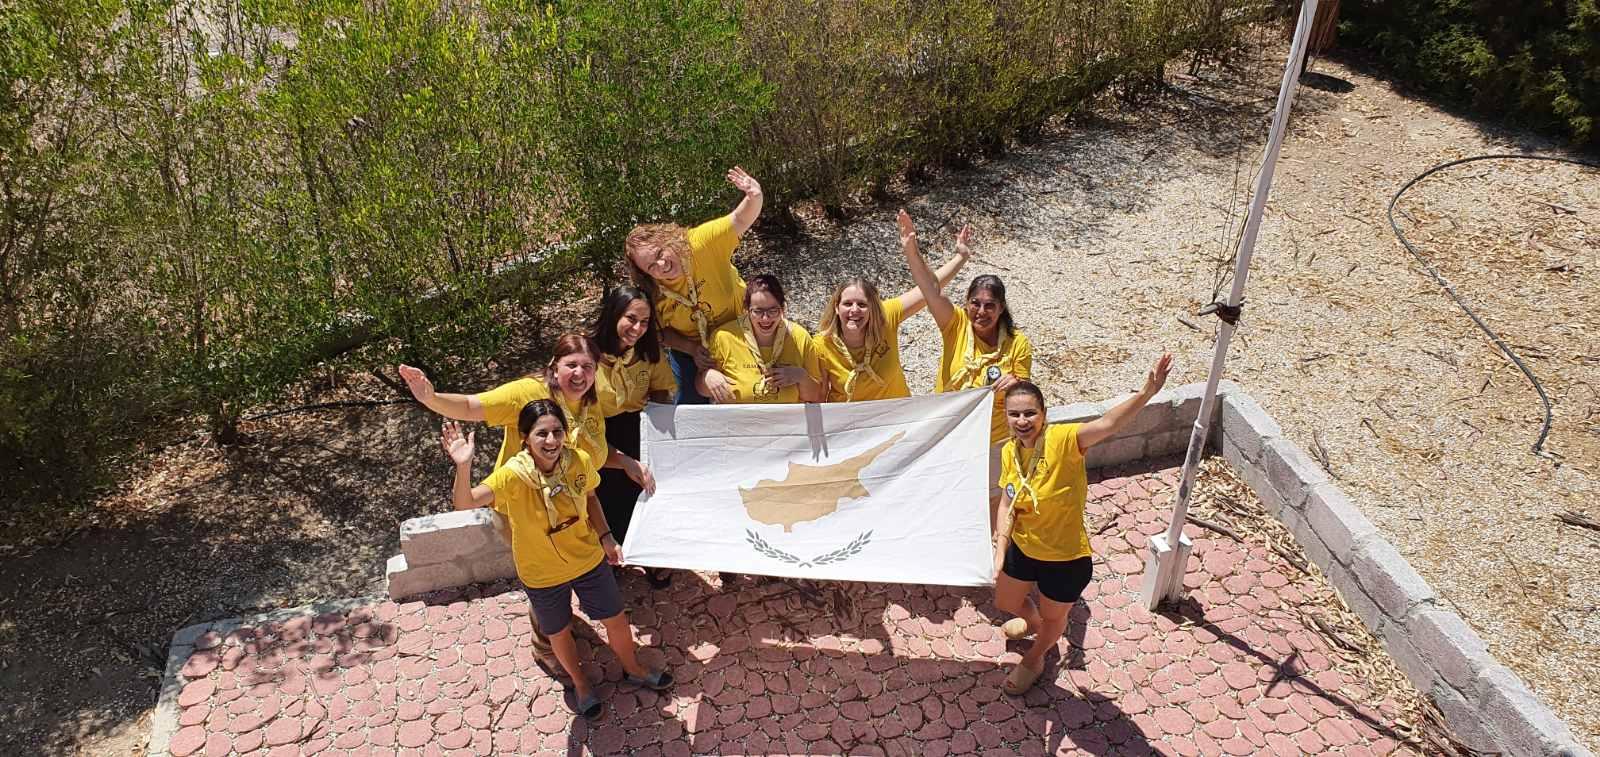 Μεγάλη διεθνής επιτυχία του Σώματος Κυπρίων Οδηγών